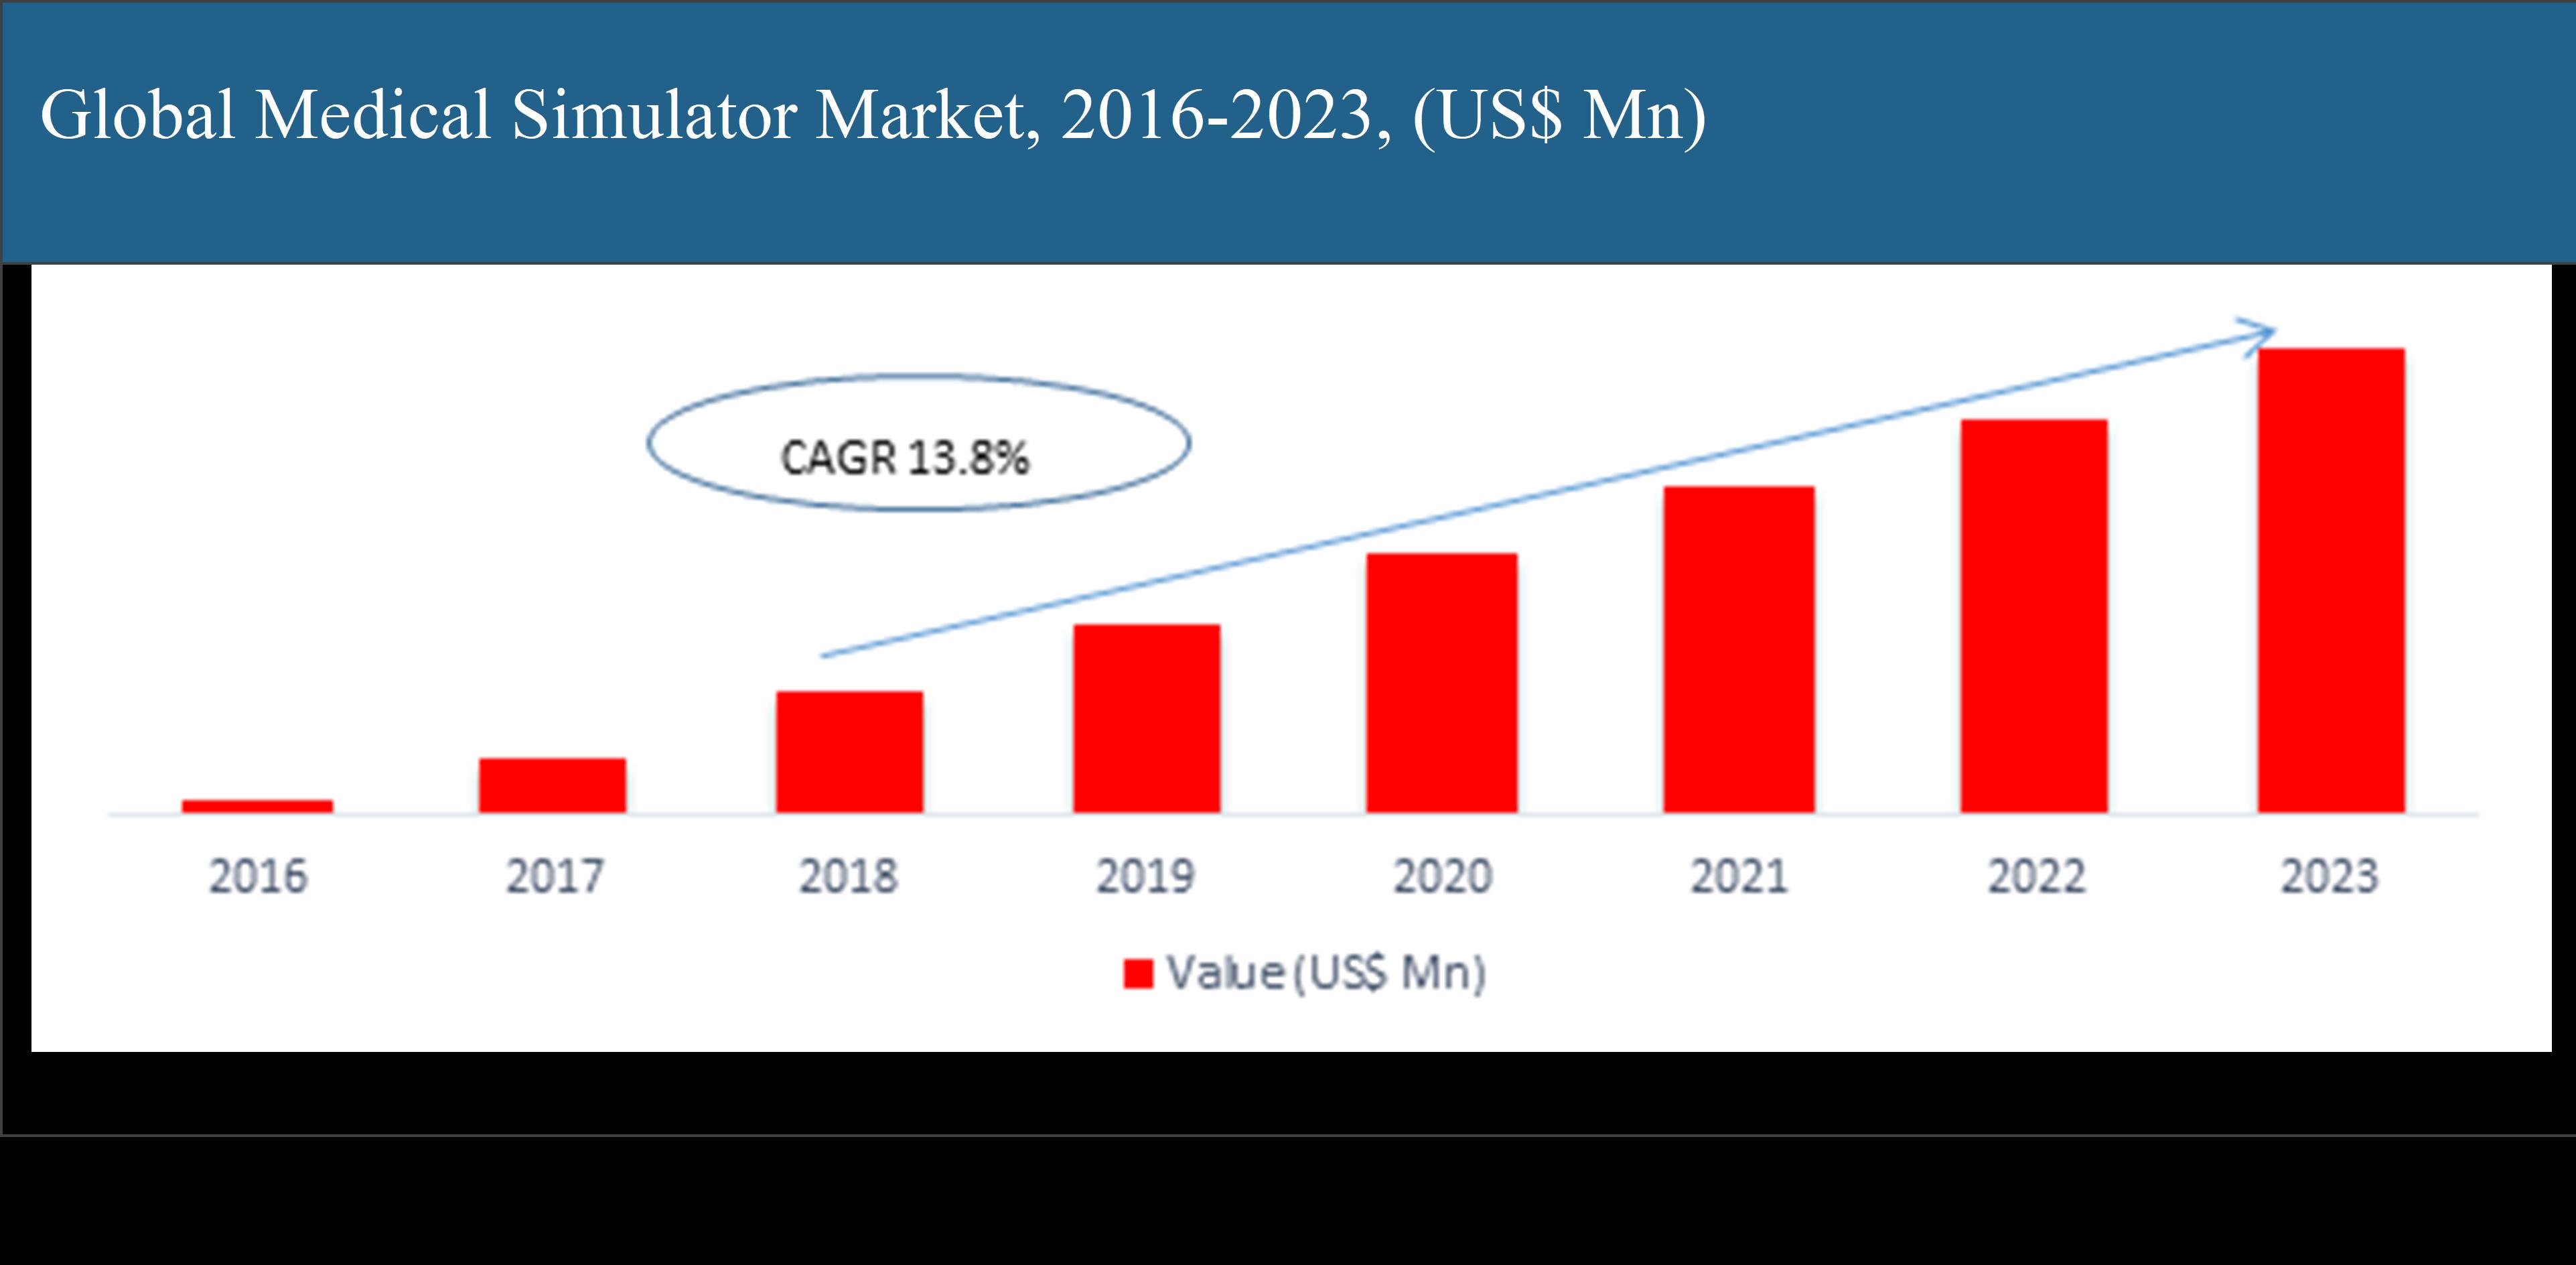 Global Medical Simulator Market